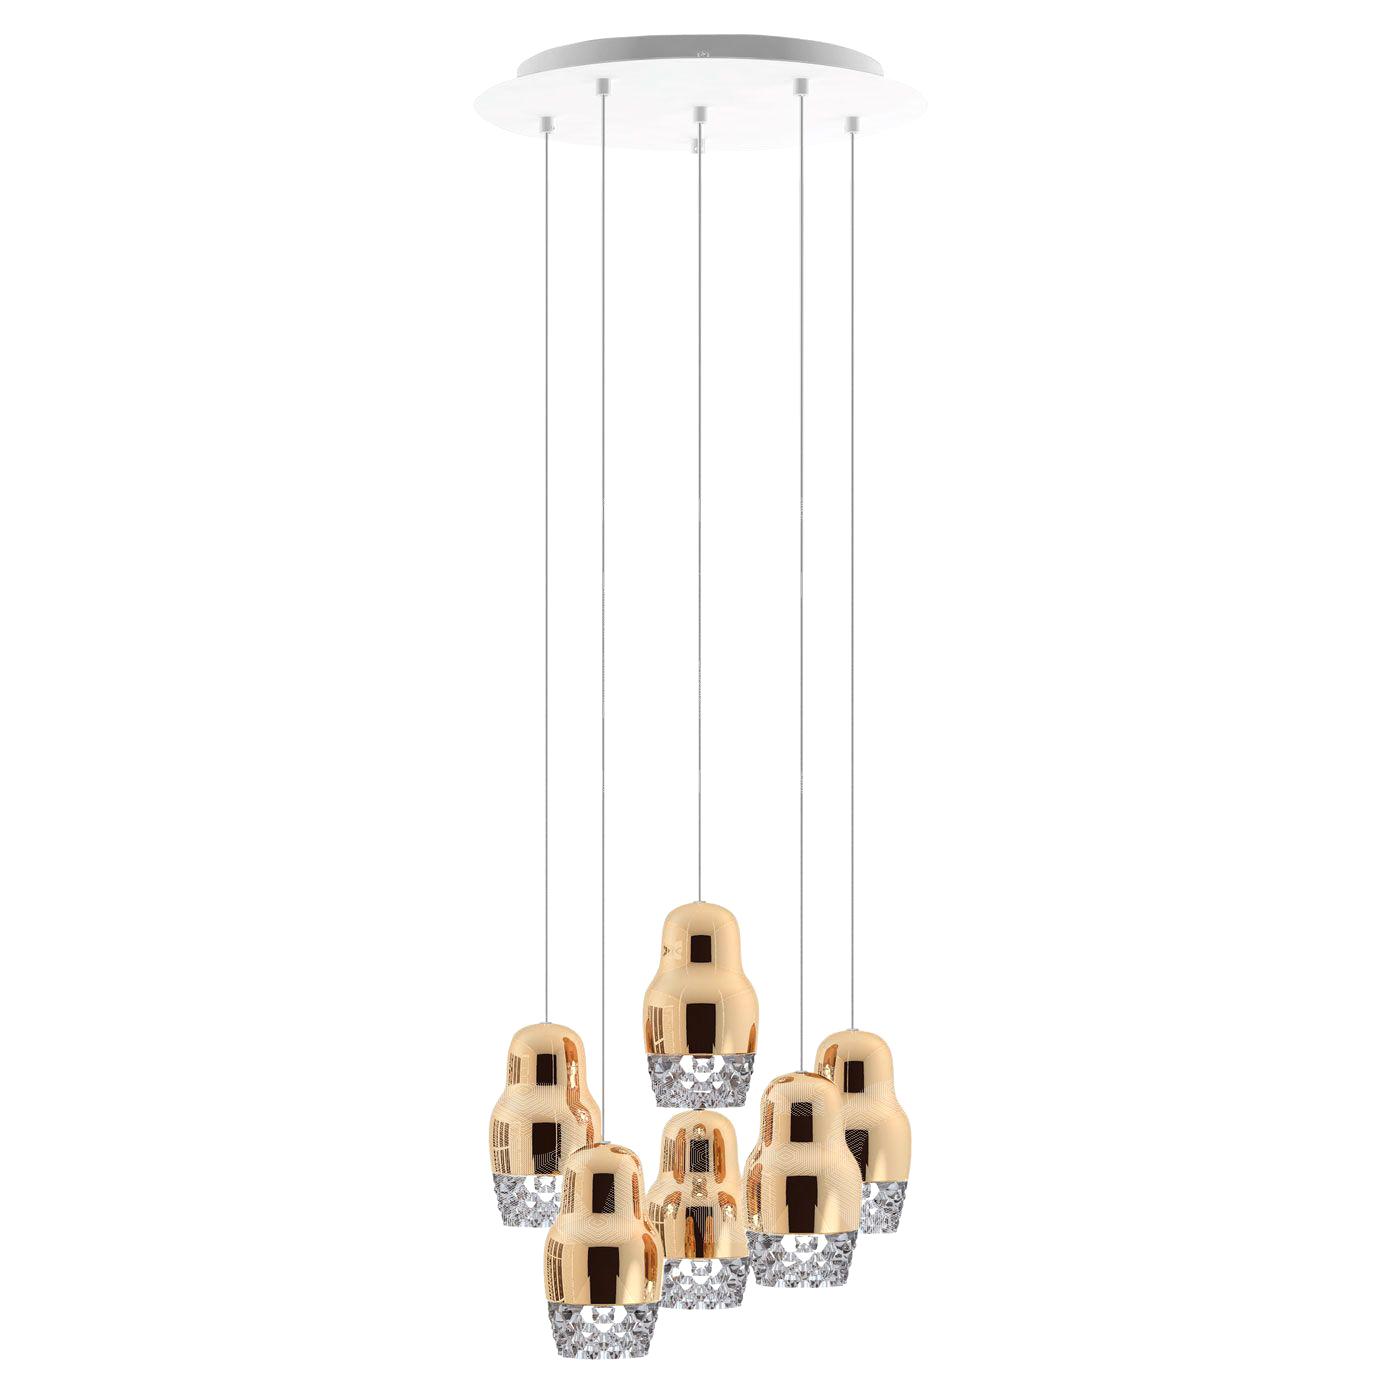 Подвесной светильник копия FEDORA 6 by AXO LIGHT  (бронзовый)